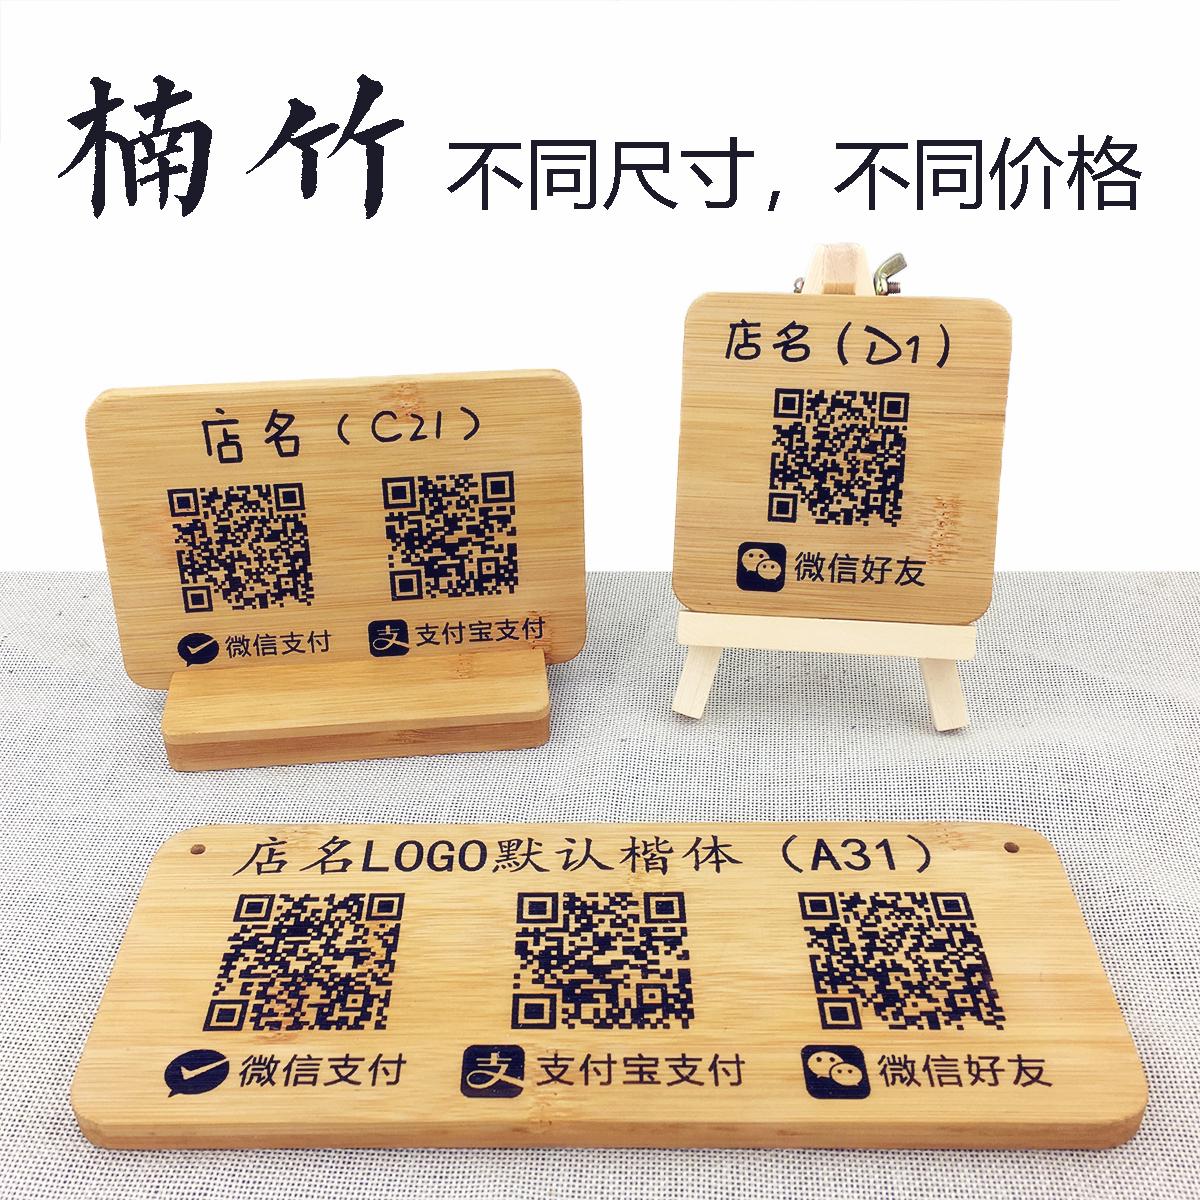 定制支付宝微信二维码支付牌标识实木定做收付款红包码收款码牌子